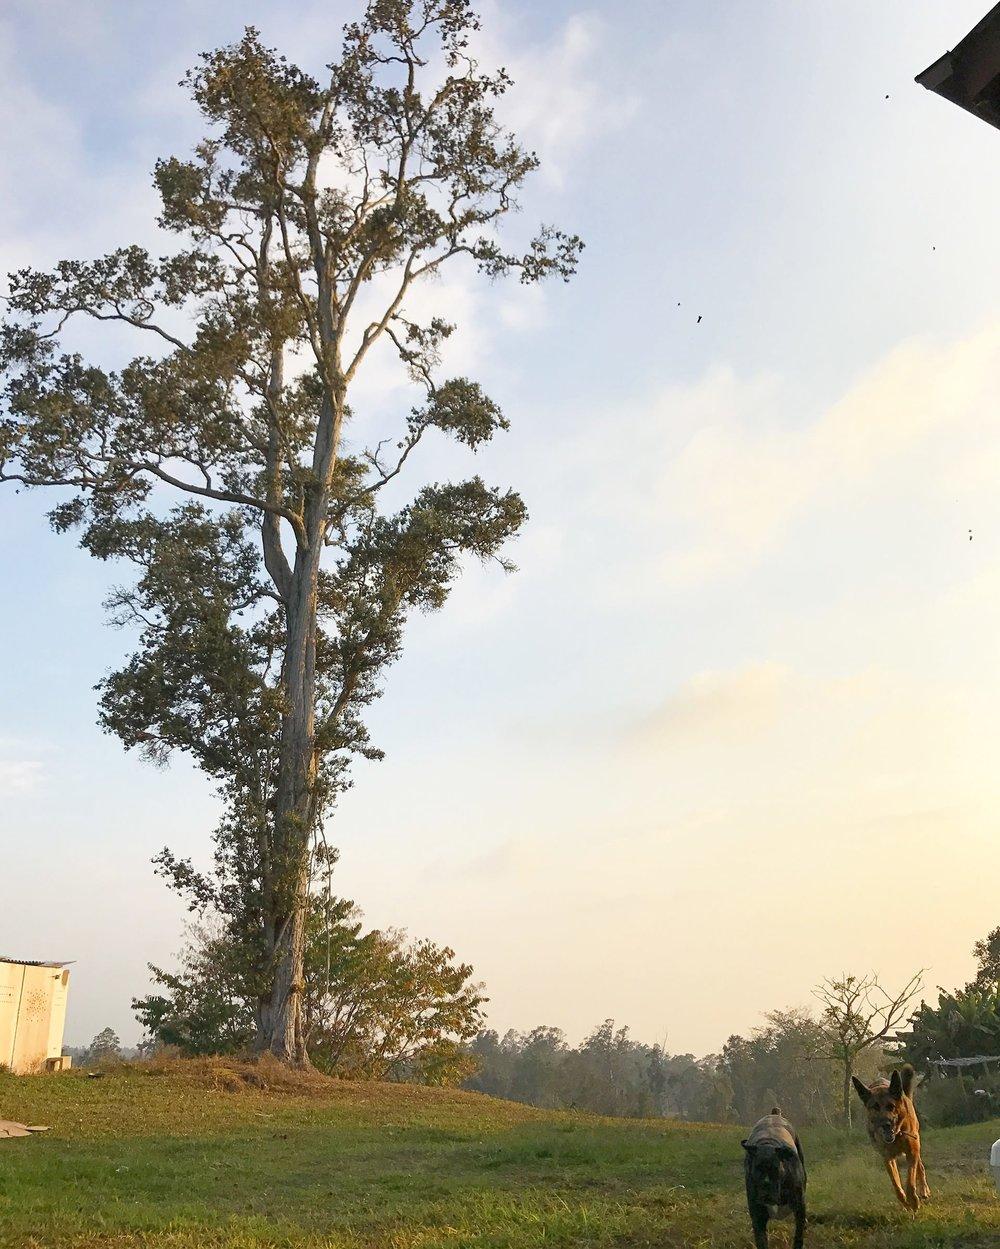 Sunshower-Farms-About-The-Farm-House-Grounds.JPG